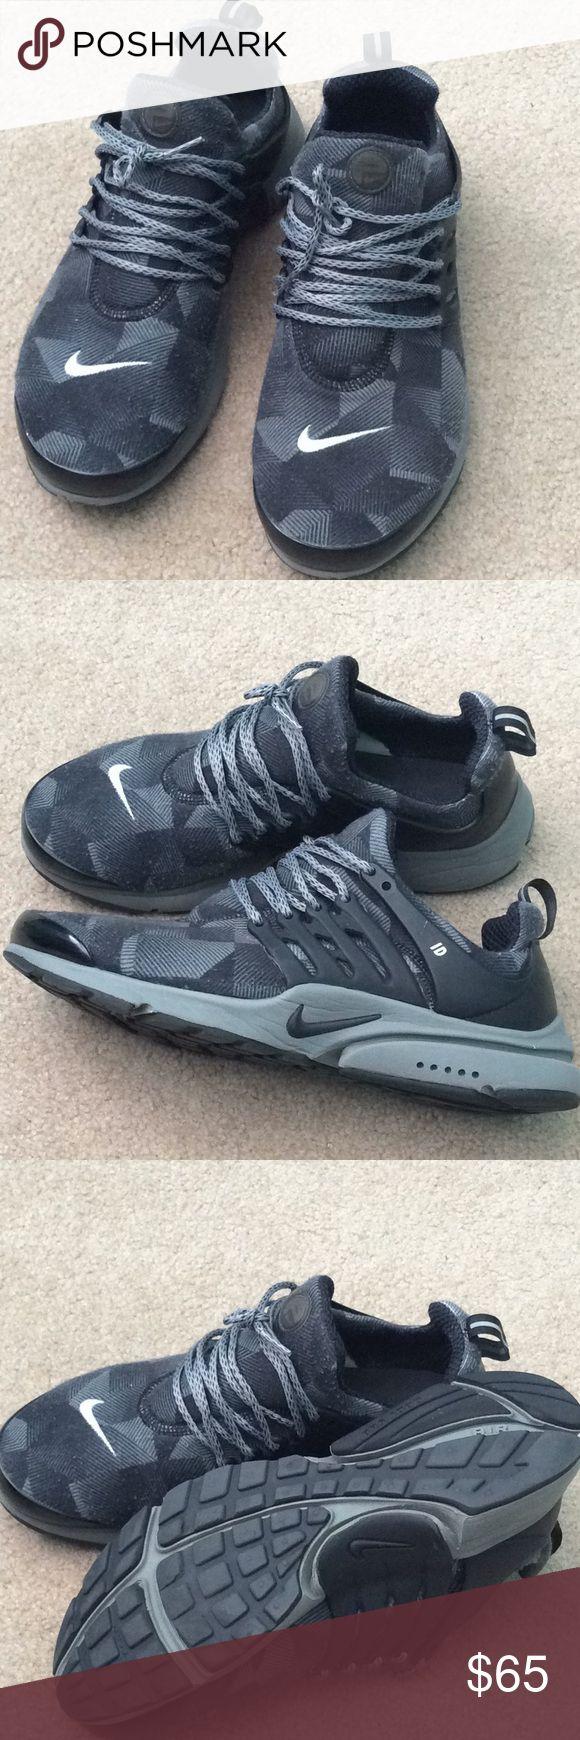 Nike I'd